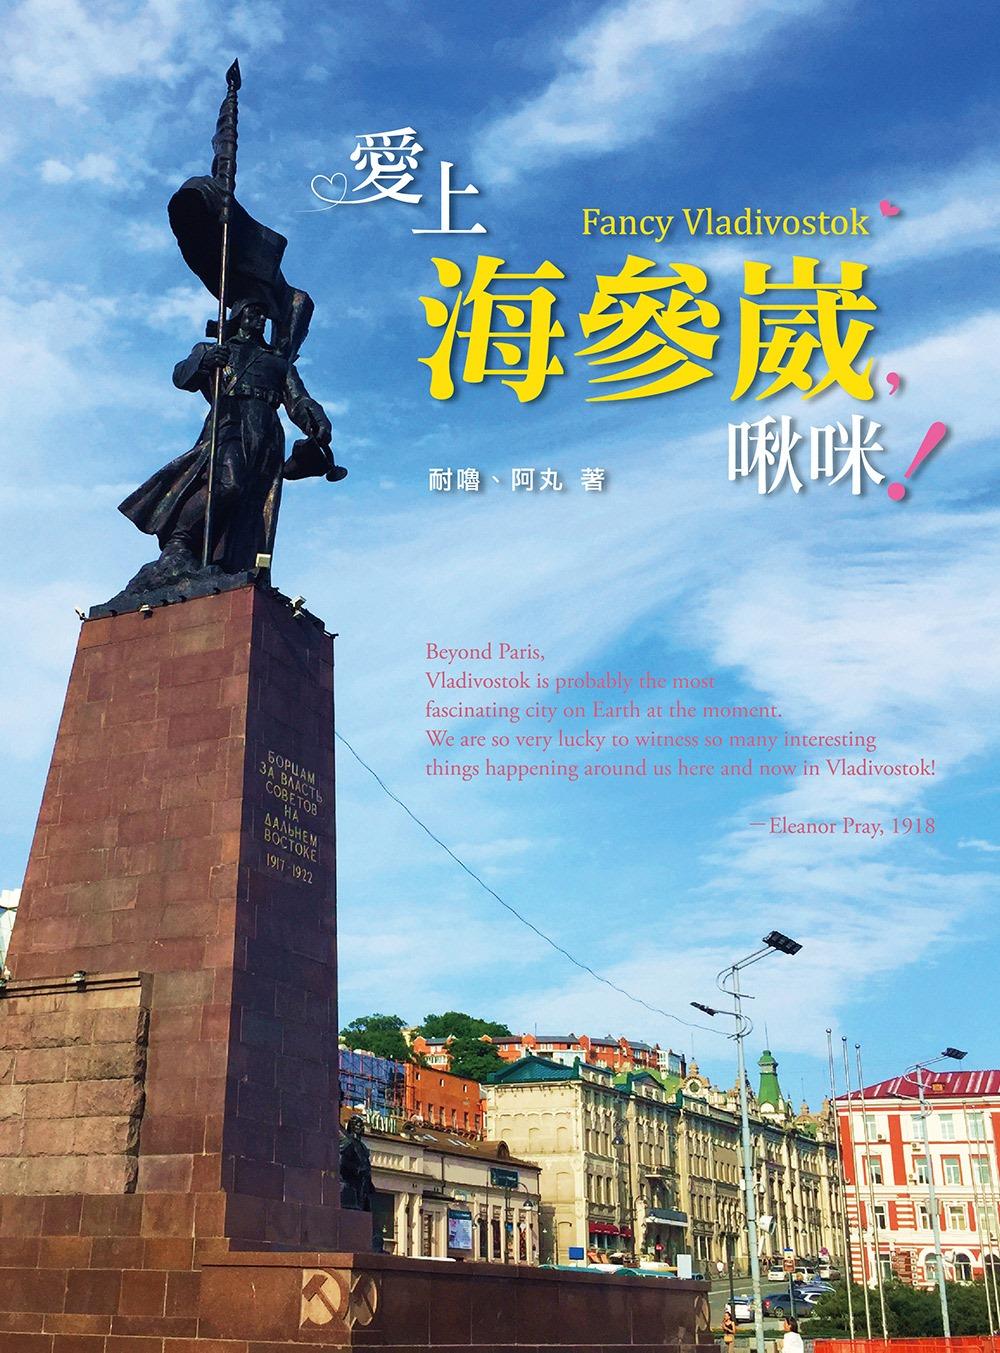 愛上海參崴,啾咪!